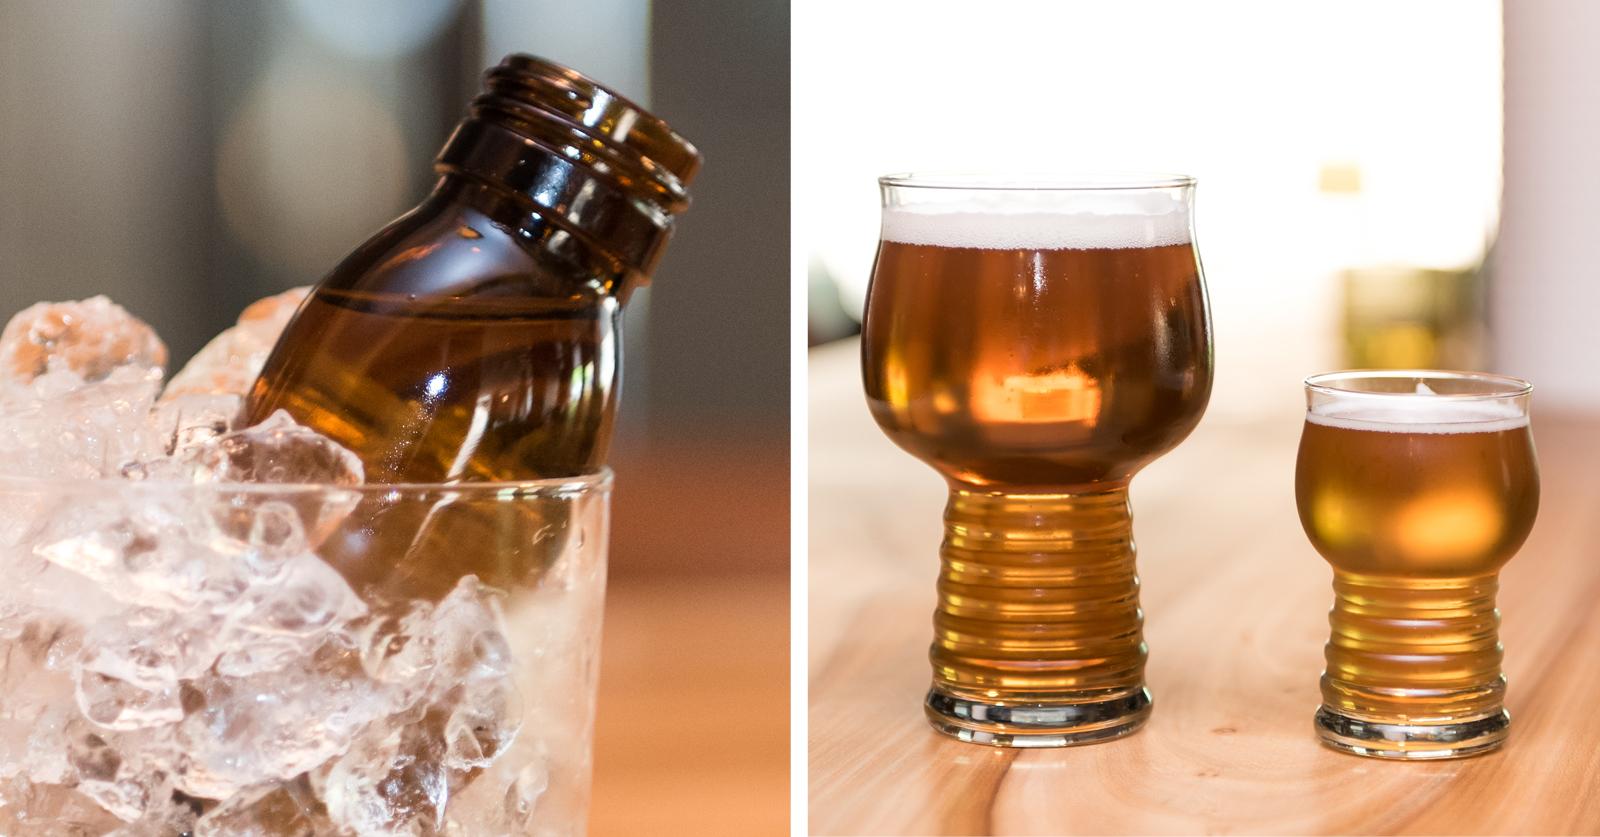 Gunnar Eatery & Barissa väkevä juoma tarjoillaan lääkepullosta.